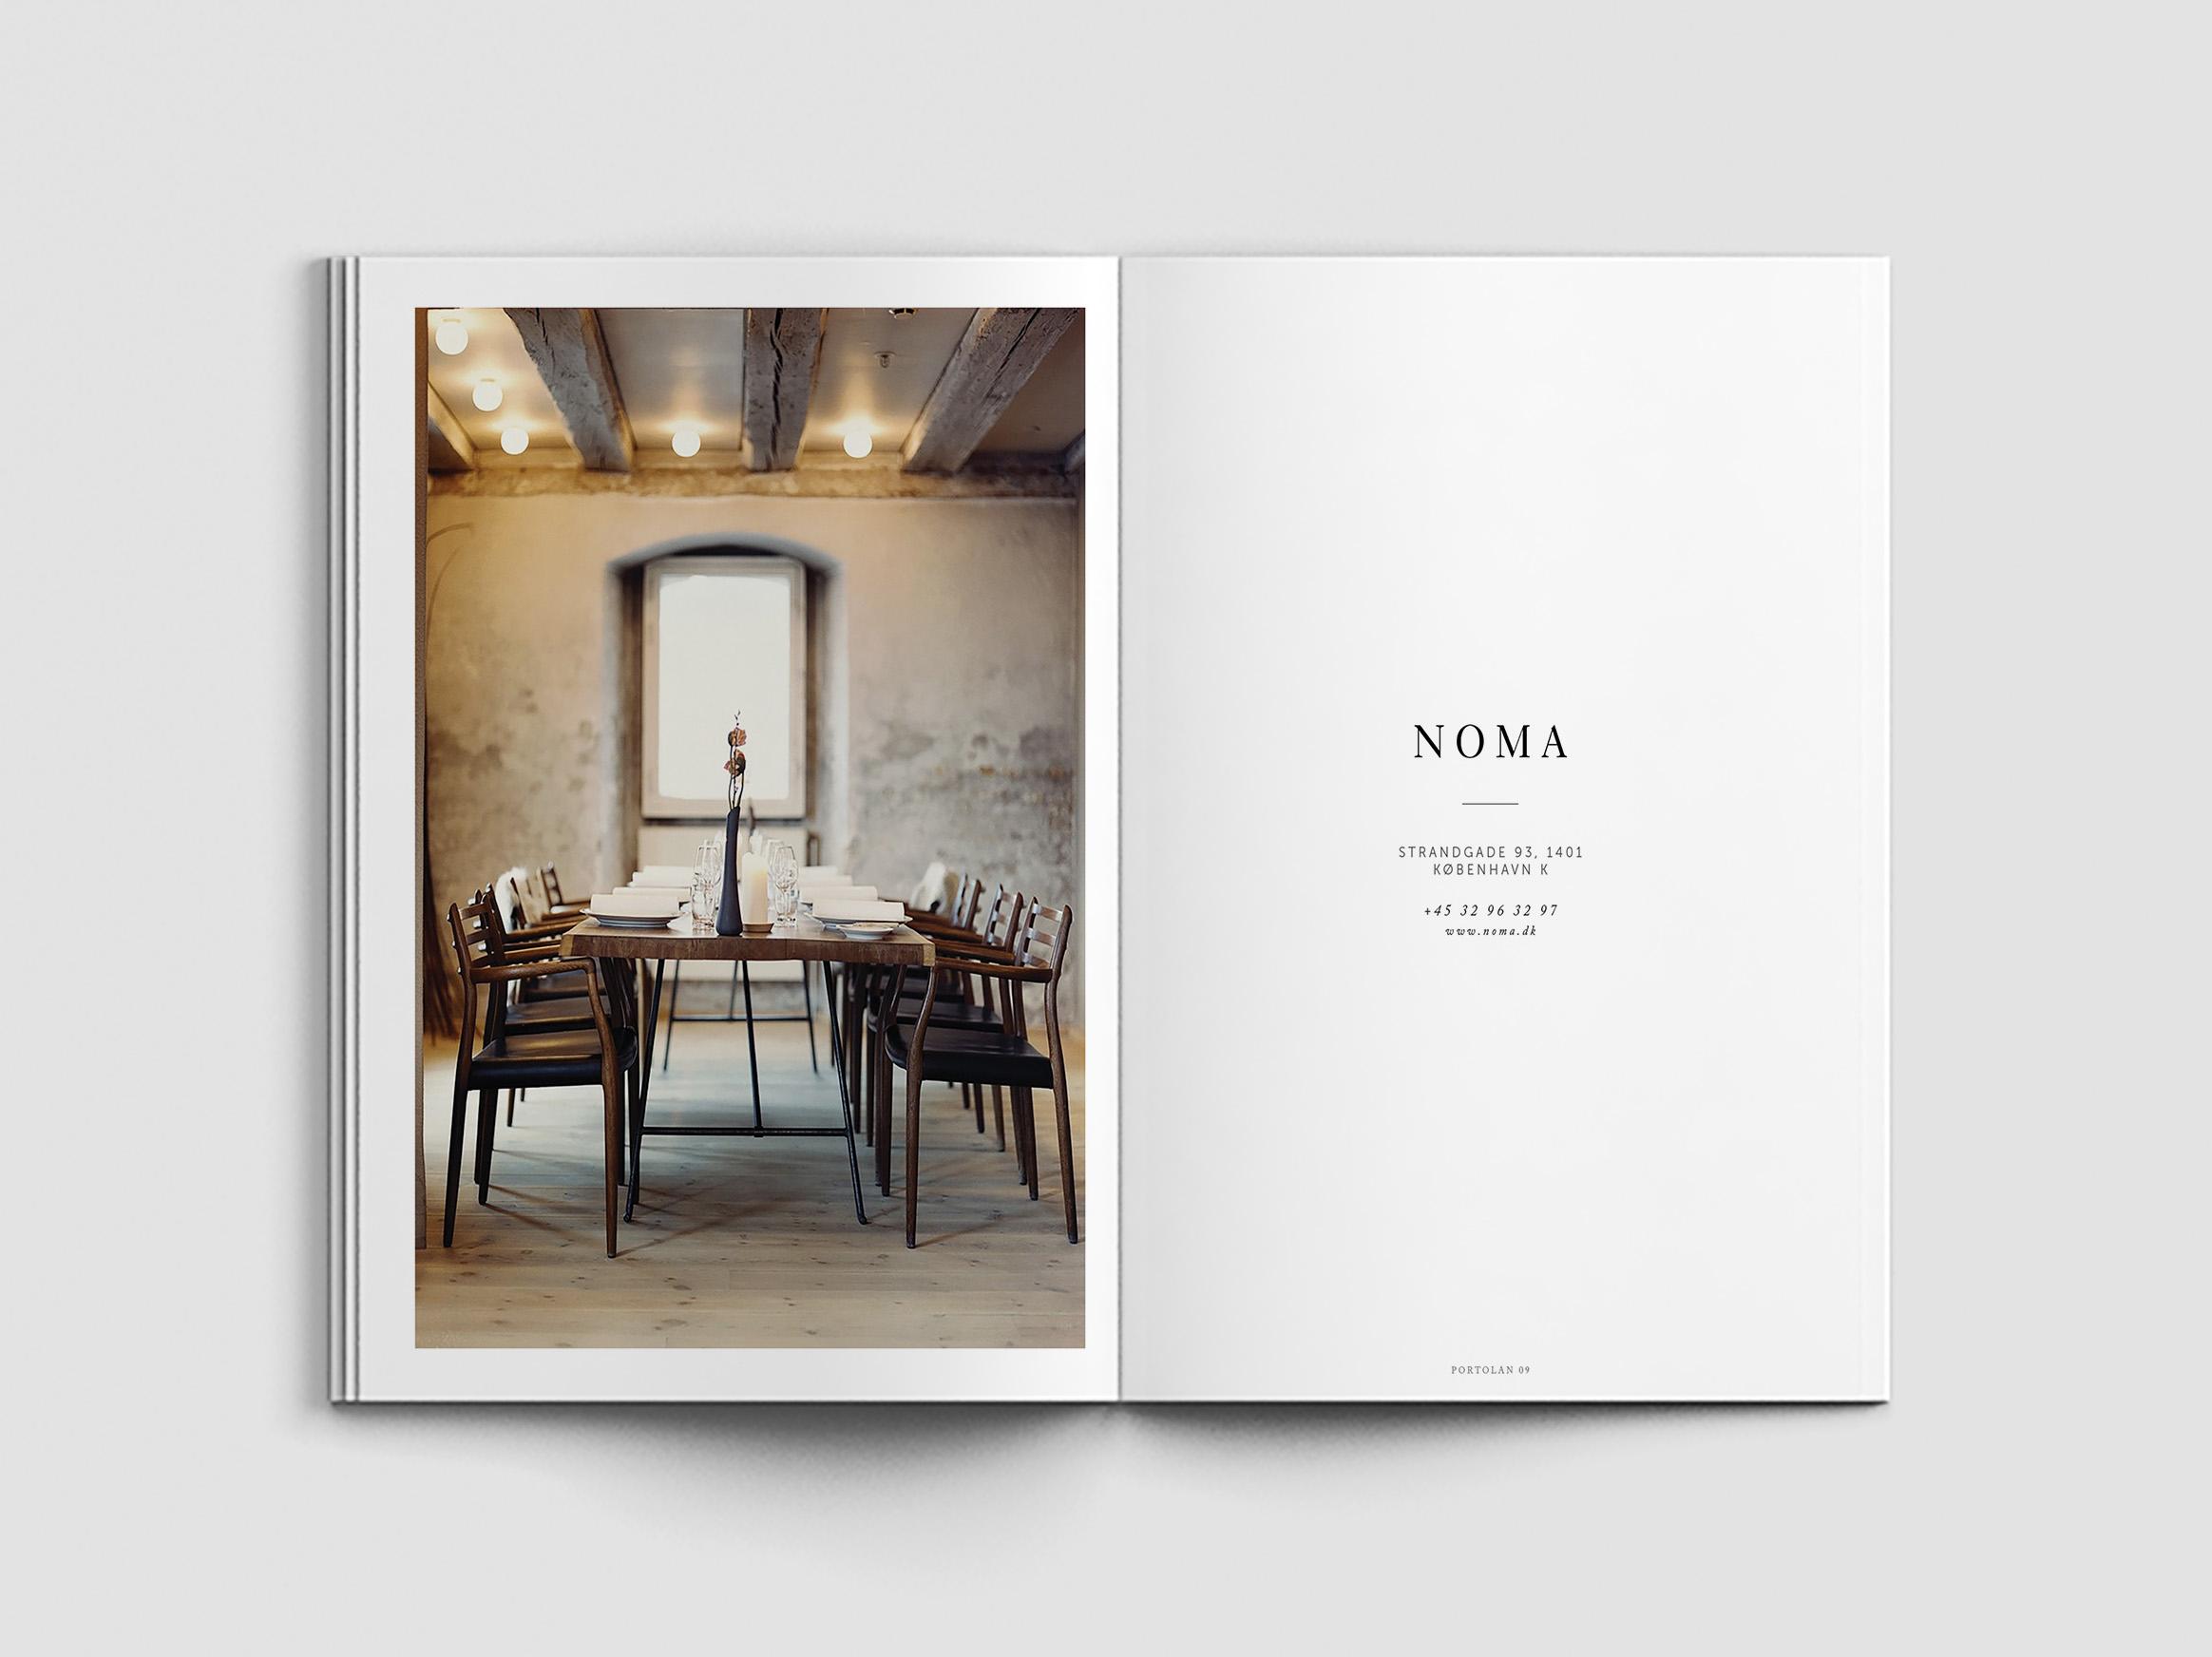 noma2.jpg